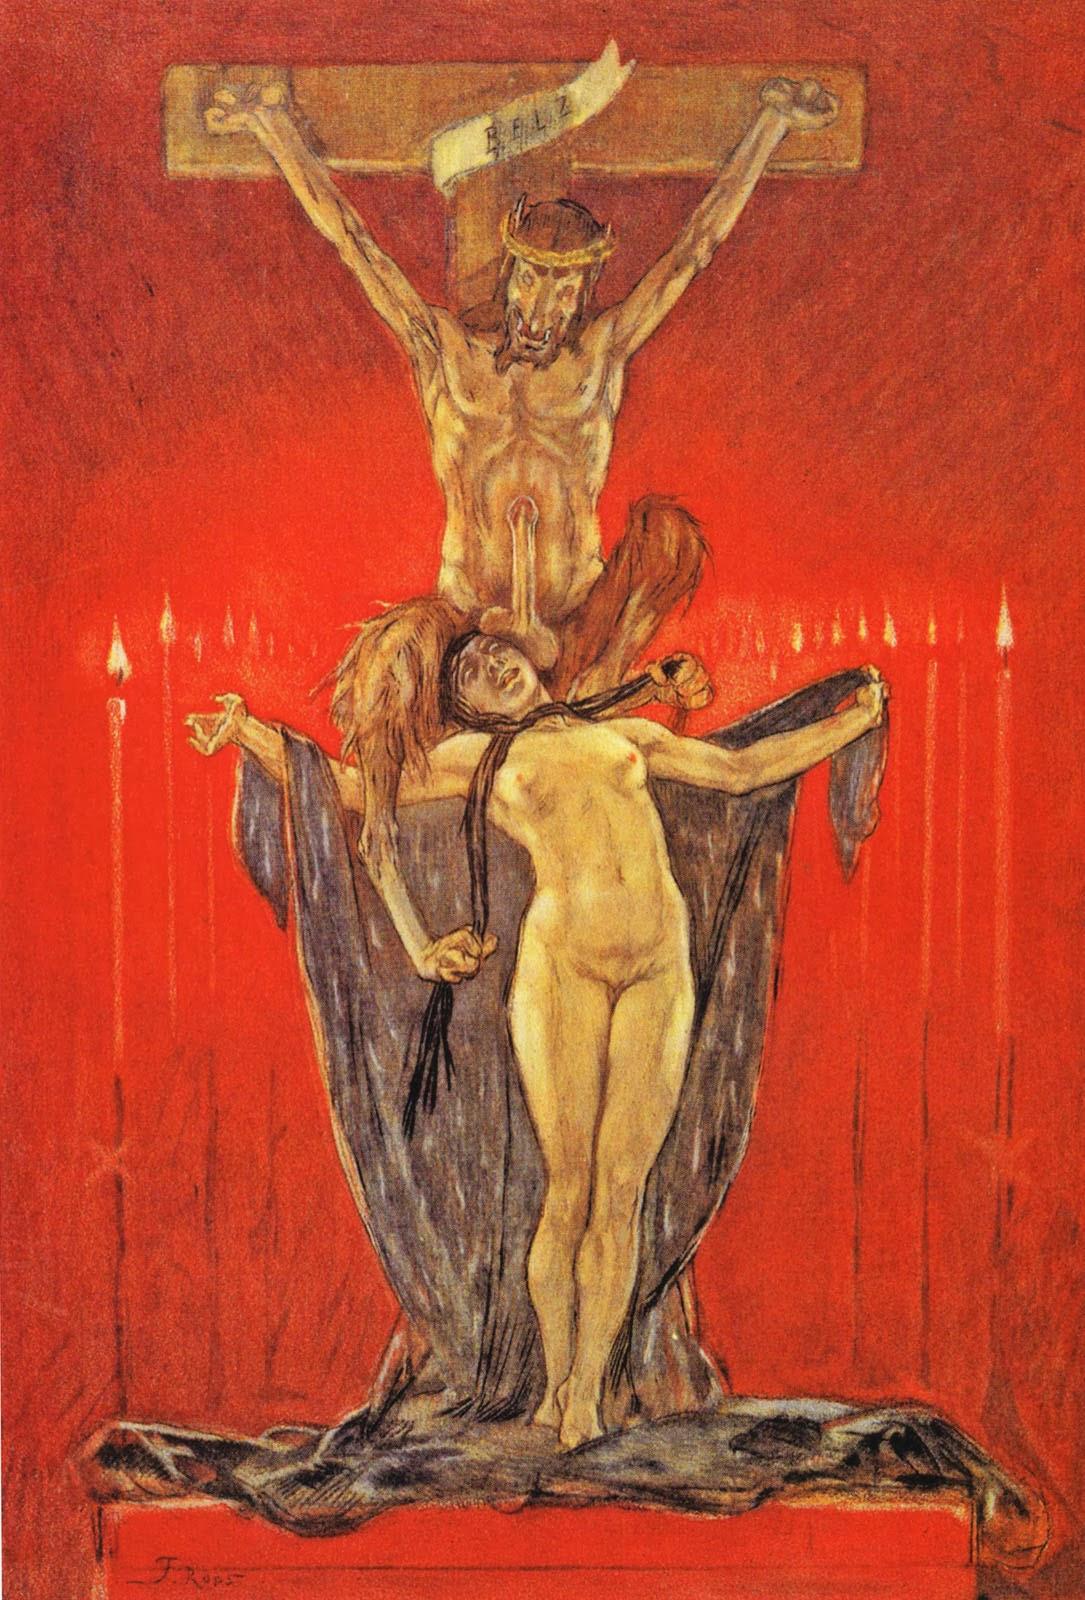 http://1.bp.blogspot.com/-4L9XznR-OxM/UkxFaZLyF3I/AAAAAAAAFkw/NTbnkSN5zUE/s1600/Felicien+Rops.+Lust+for+Devil.+11.jpeg